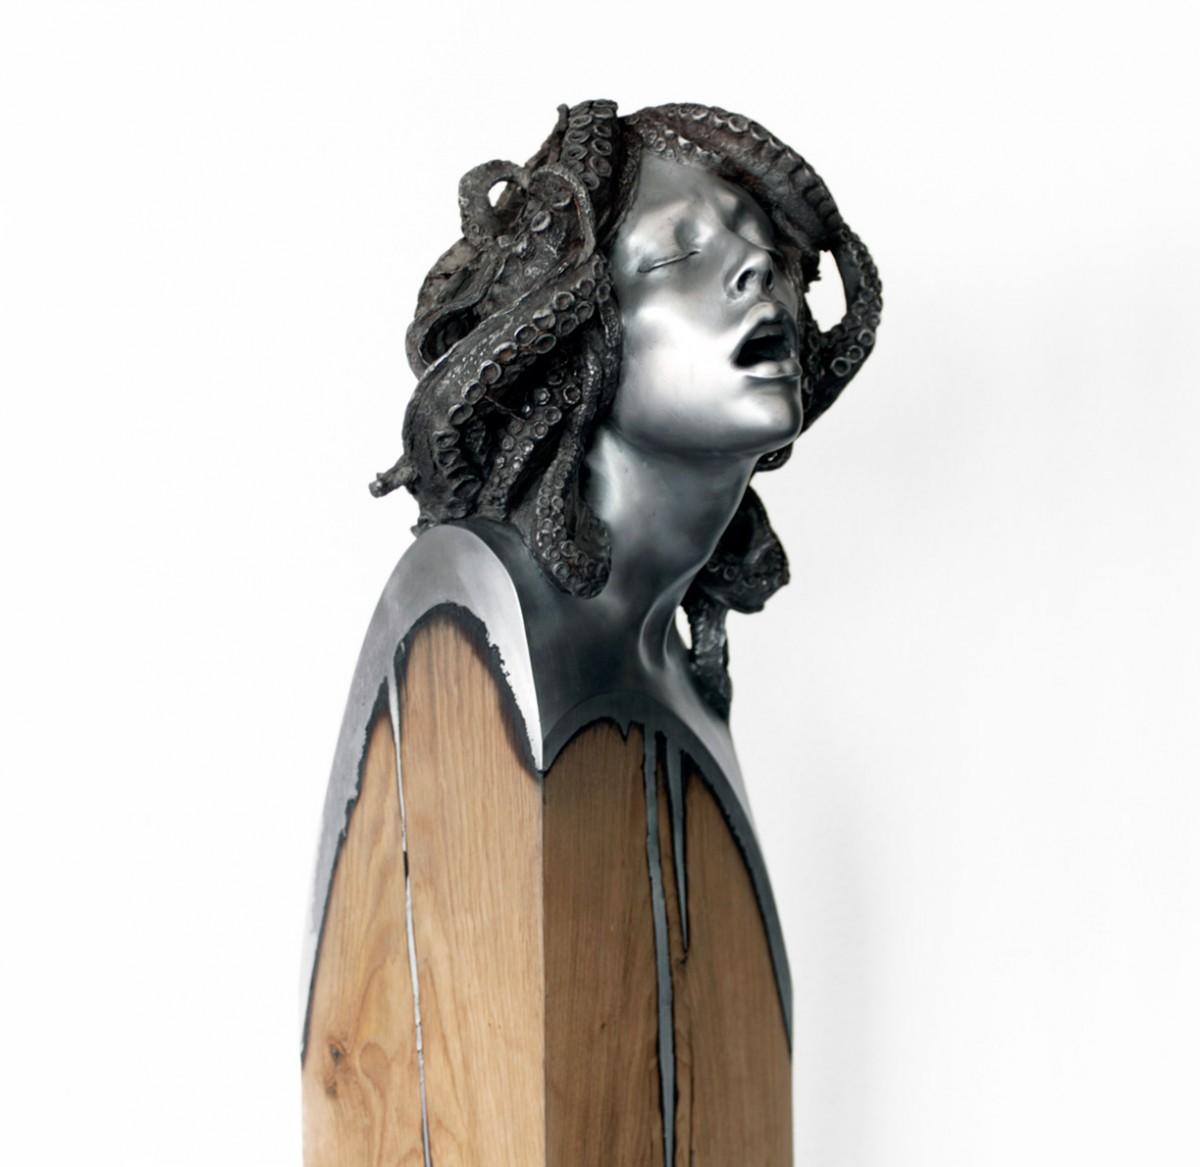 Ama_sculpture